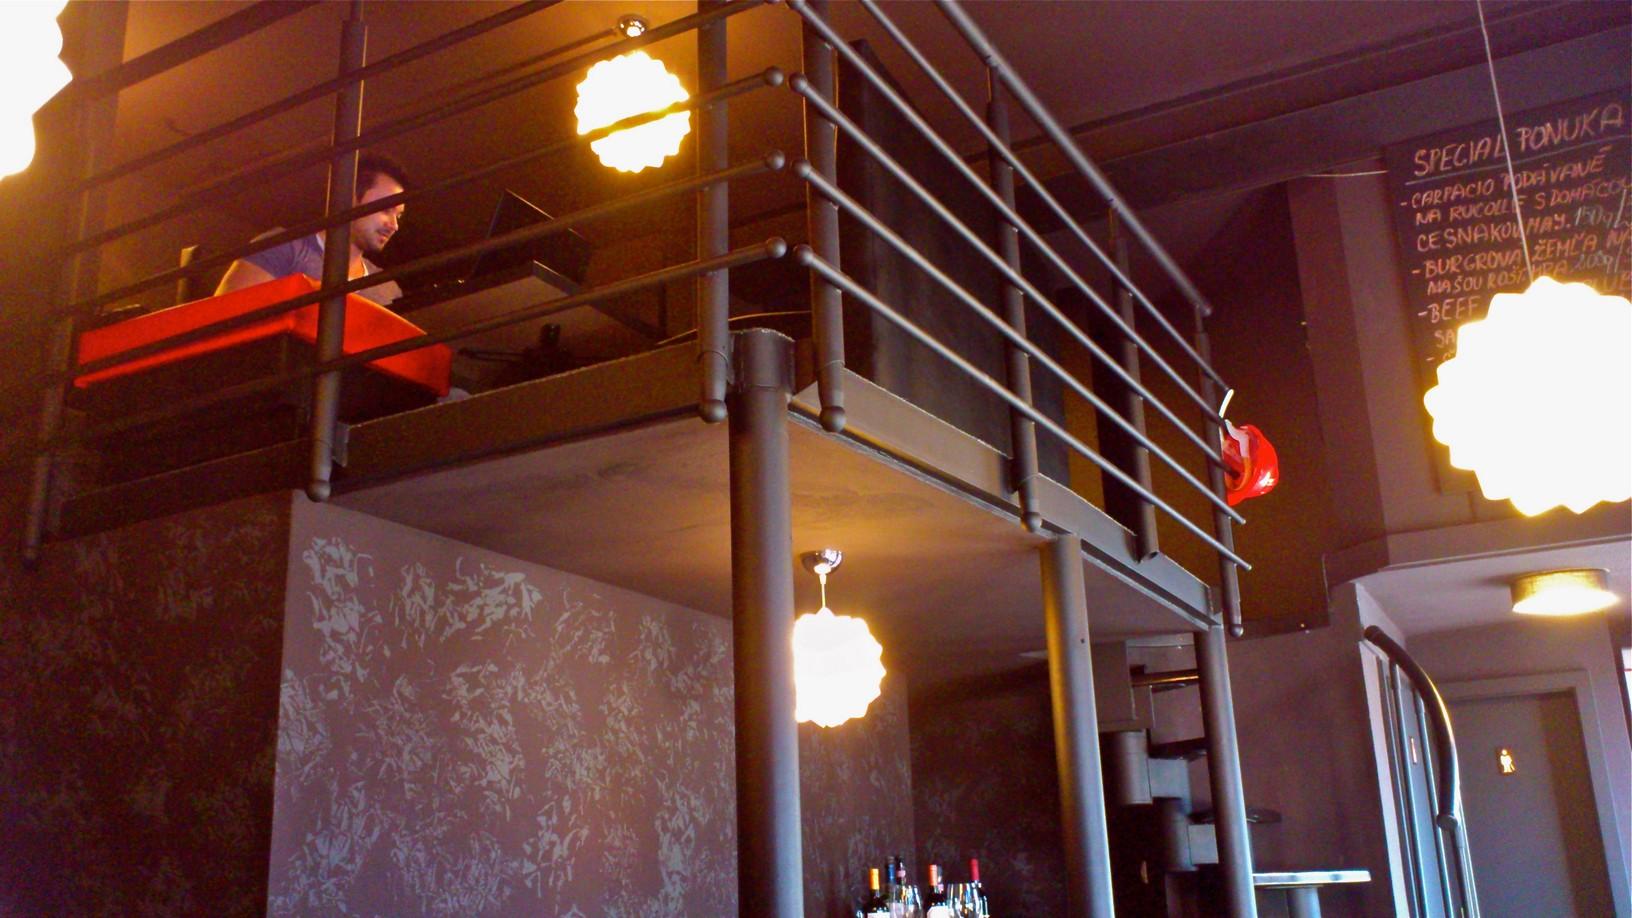 Vrchná časť reštaurácie (a spomínaný majiteľ).